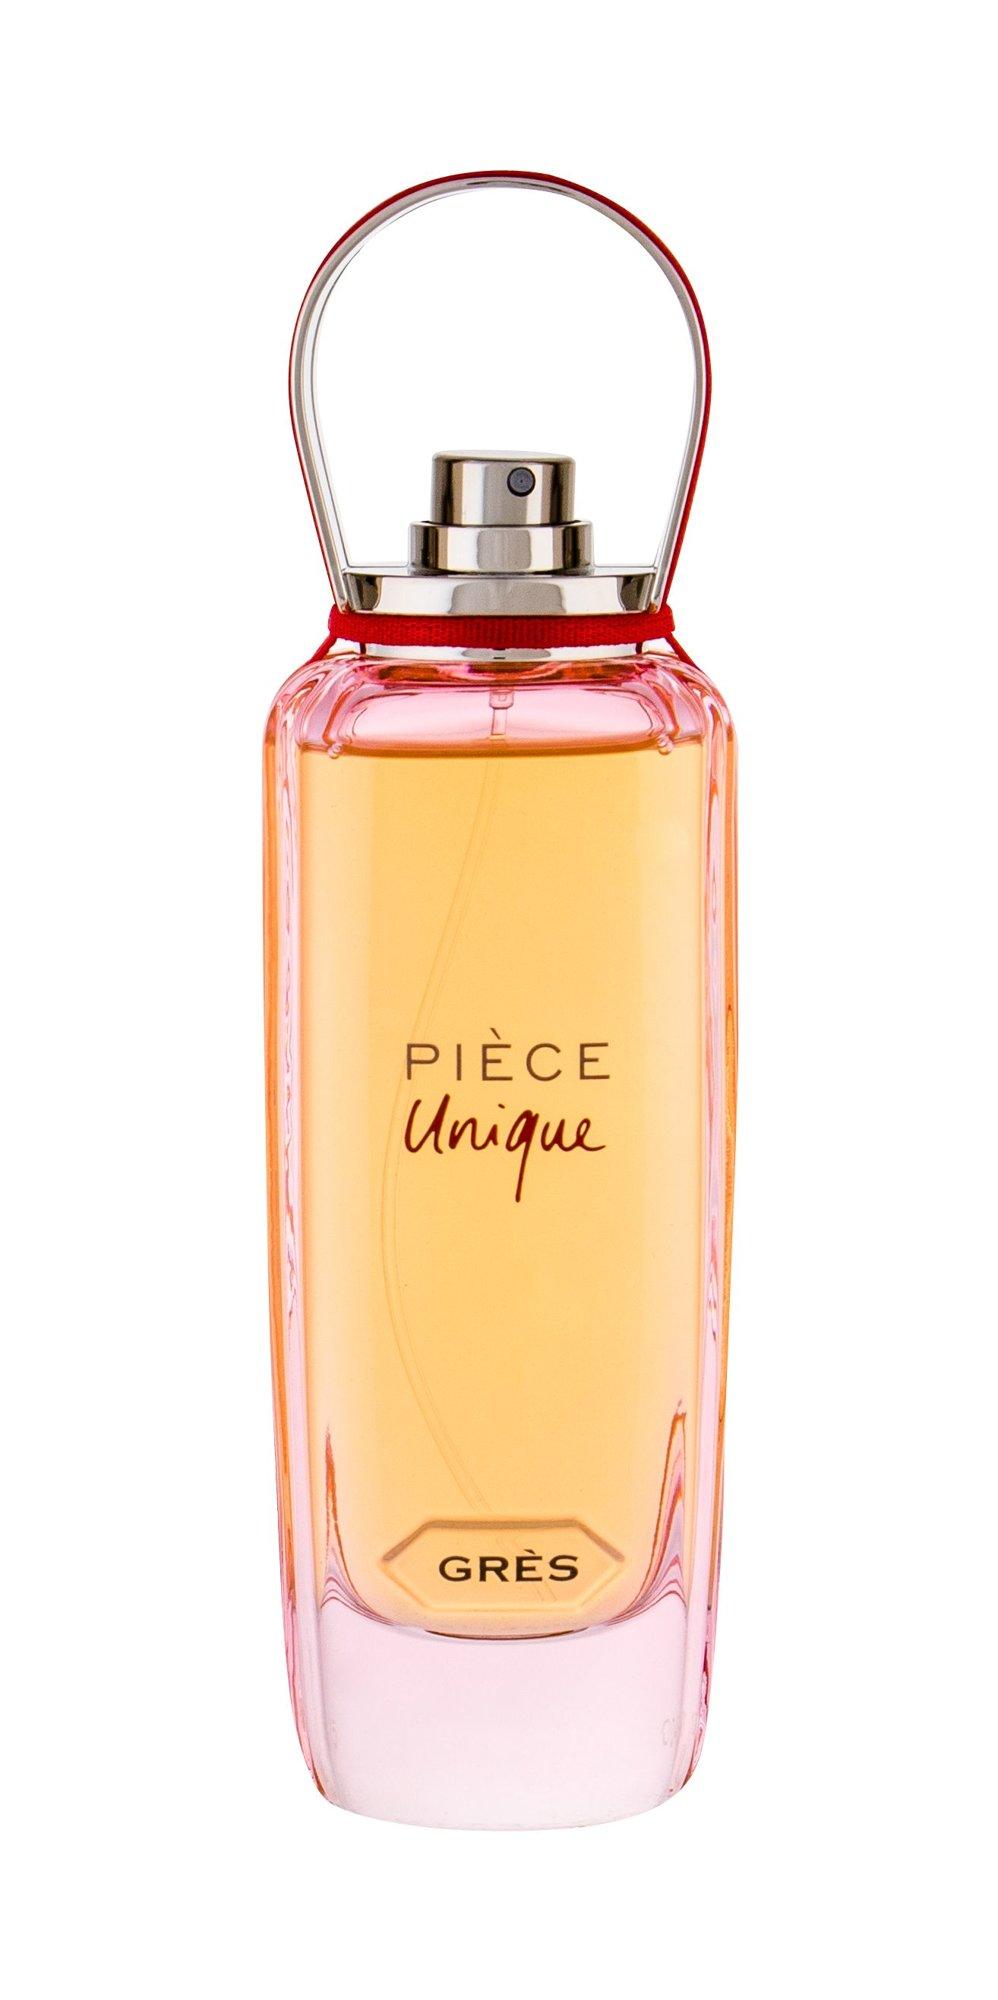 Gres Piece Unique Eau de Parfum 100ml